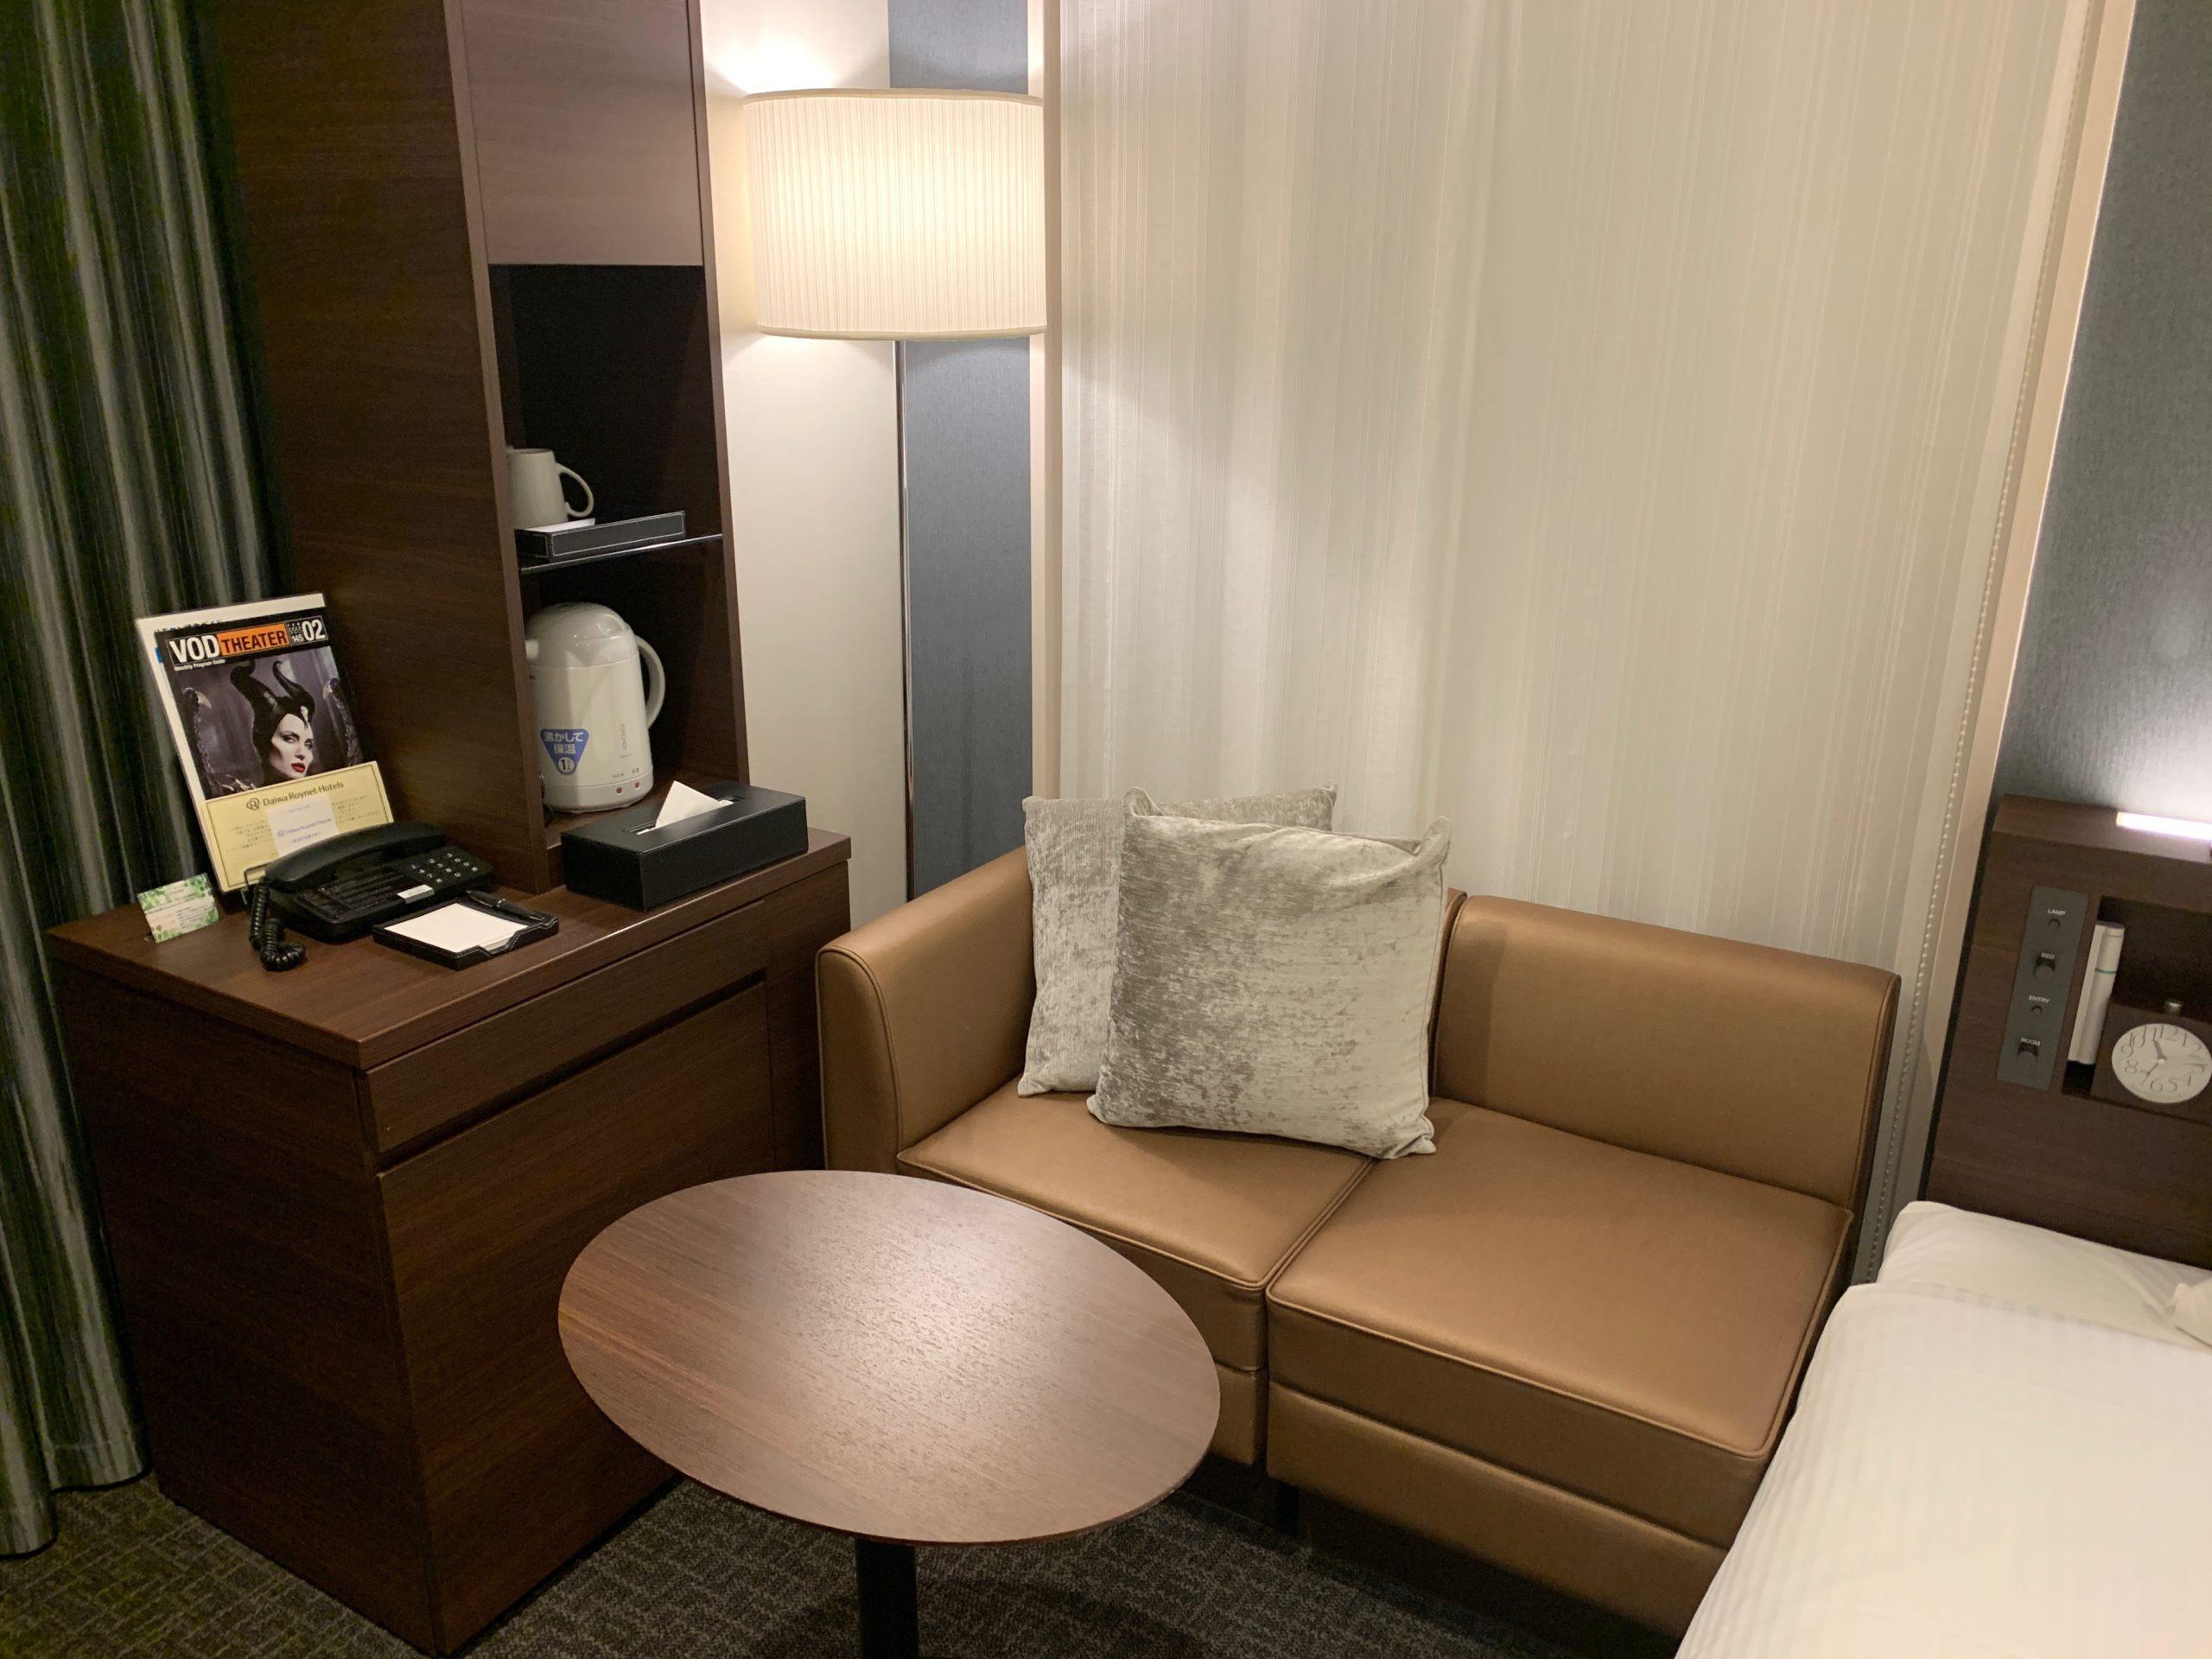 ダイワロイネットホテル千葉中央のハリウッドツインルーム